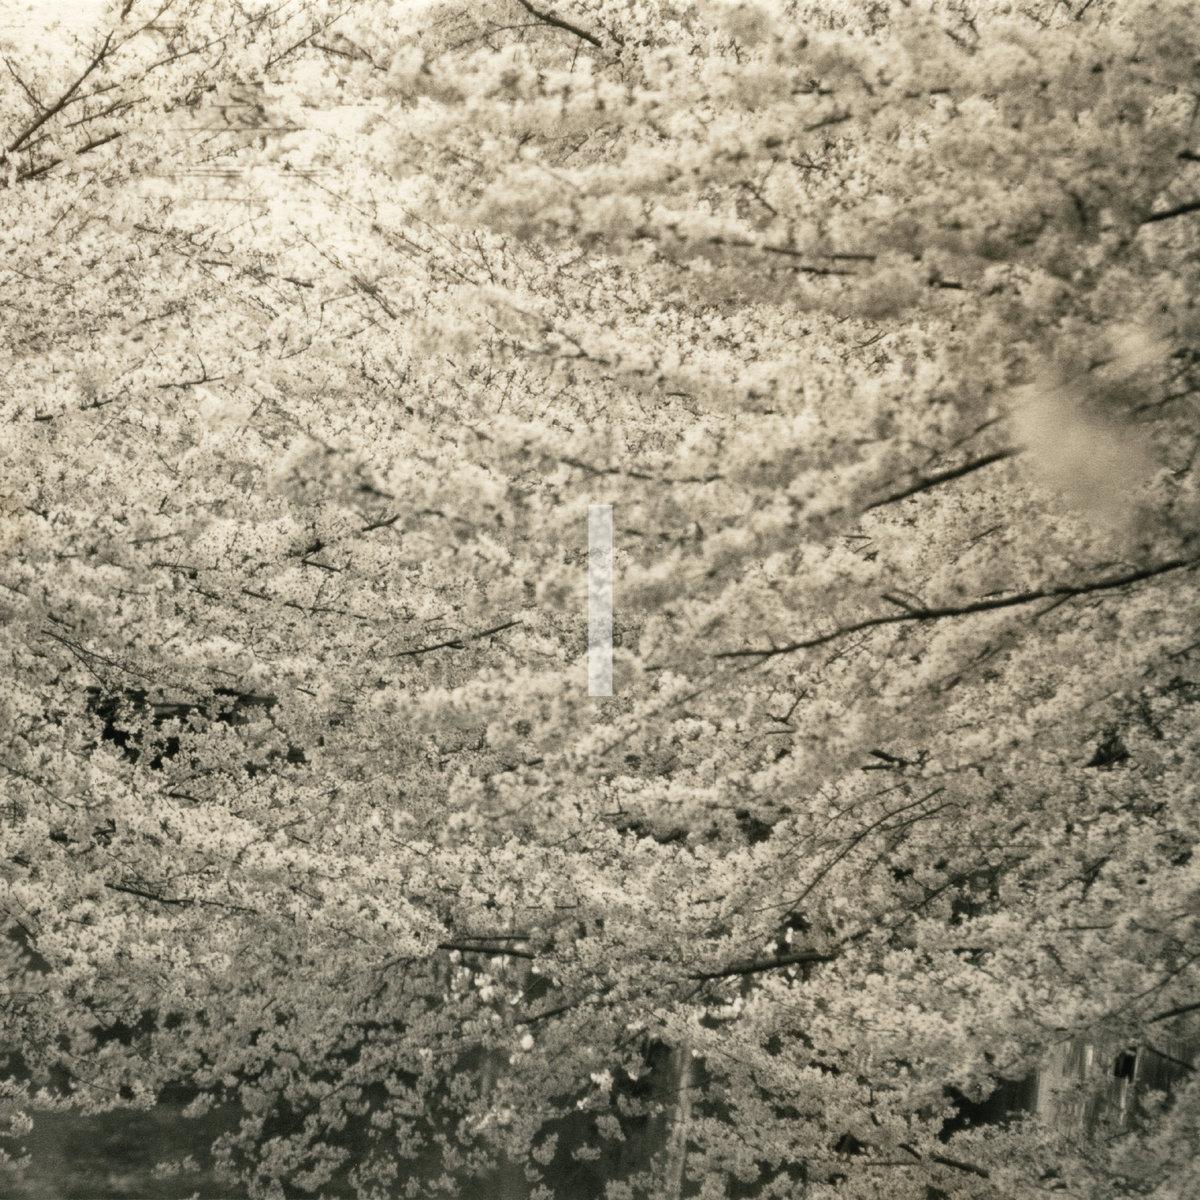 Japanische Art der menschlichen Wiederbelebung mit der süßen Asiatin Natsuki Hasegawa